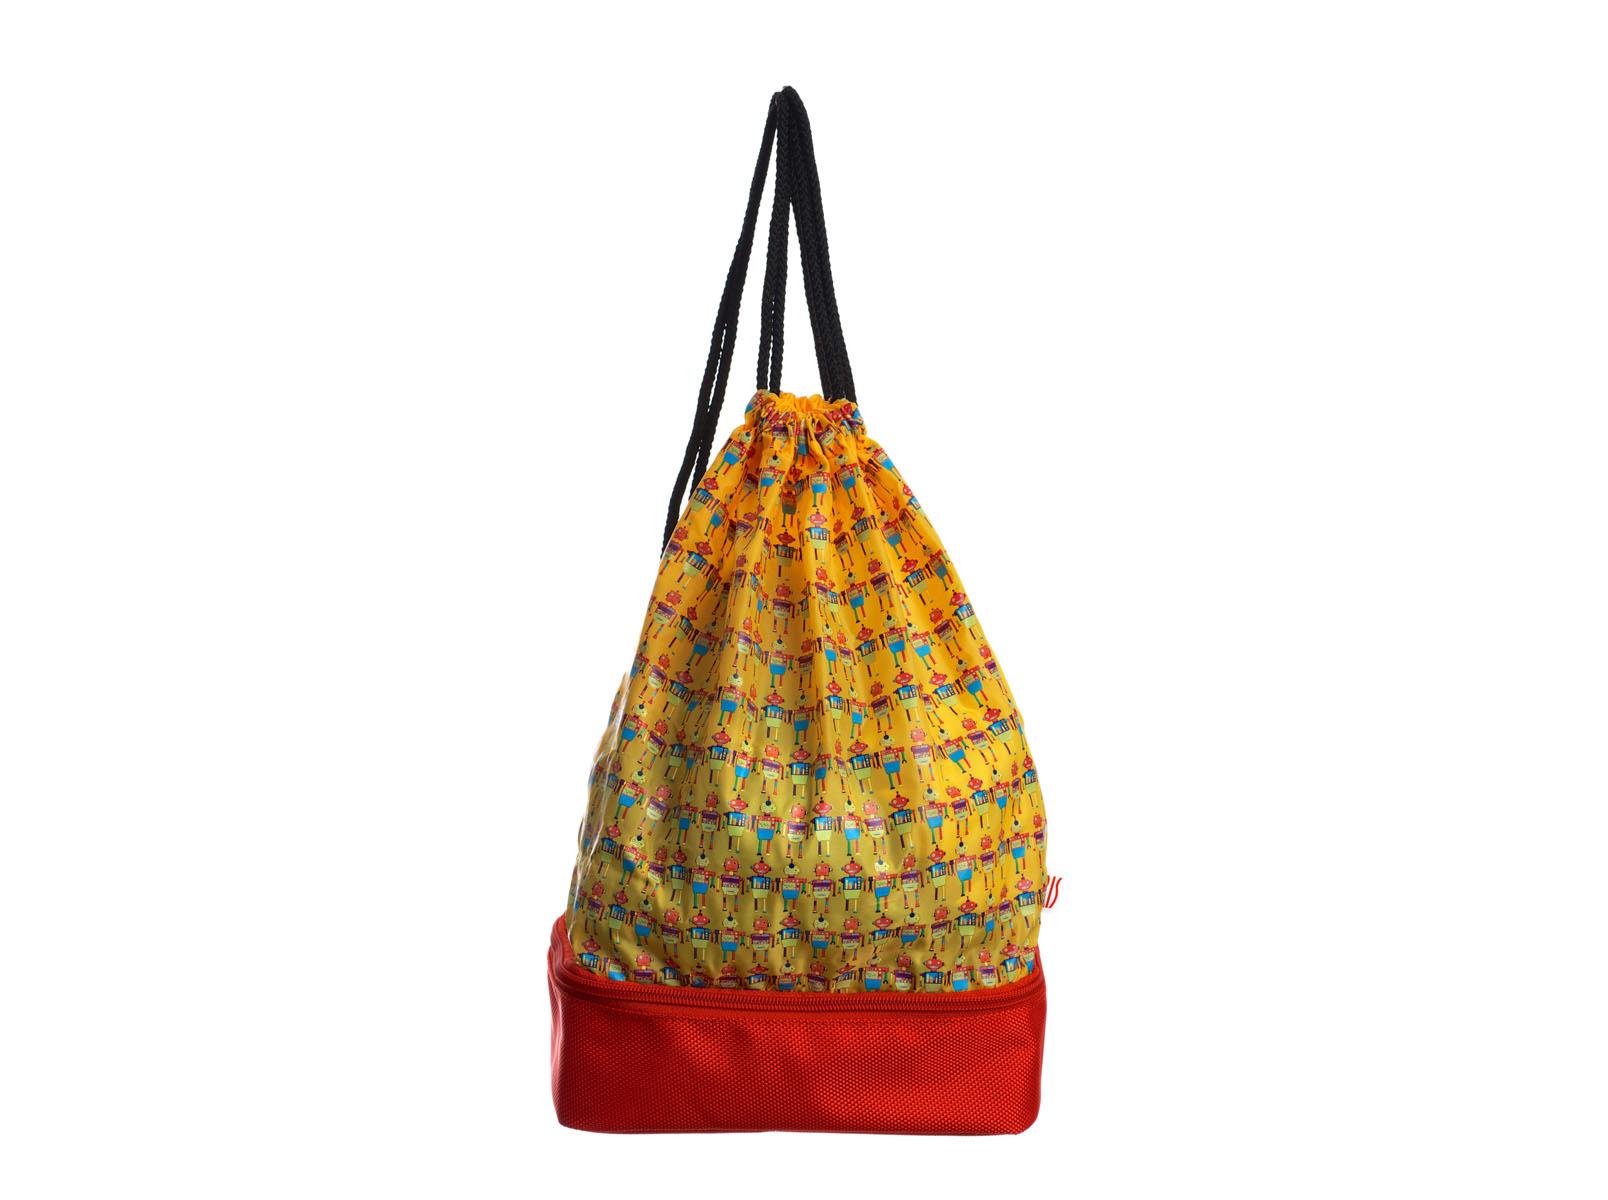 Рюкзак-термоланчбокс Iris Barcelona Snack Rico, цвет: желтый, красный9927-TRCВ рюкзаке Iris Barcelona Snack Rico два-в-одном найдется и место для целого обеда, который соберет заботливая мама, и место для всего, что может понадобиться в любой момент: халата или пижамы, свитера, дождевика, книжек, пенала и многого другого! Нижнее изотермическое отделение обладает большой вместительностью и позволяет взять с собой бутерброды, фрукты и разные сладости, а благодаря специальному сетчатому кармашку ребенок не забудет воспользоваться салфеткой.Можно носить как обычный рюкзак. Благодаря регулировке шнурков, можно выбрать наиболее удобную длину. В комплект входит подарок – забавный брелок для ключей из коллекции Snack Rico.